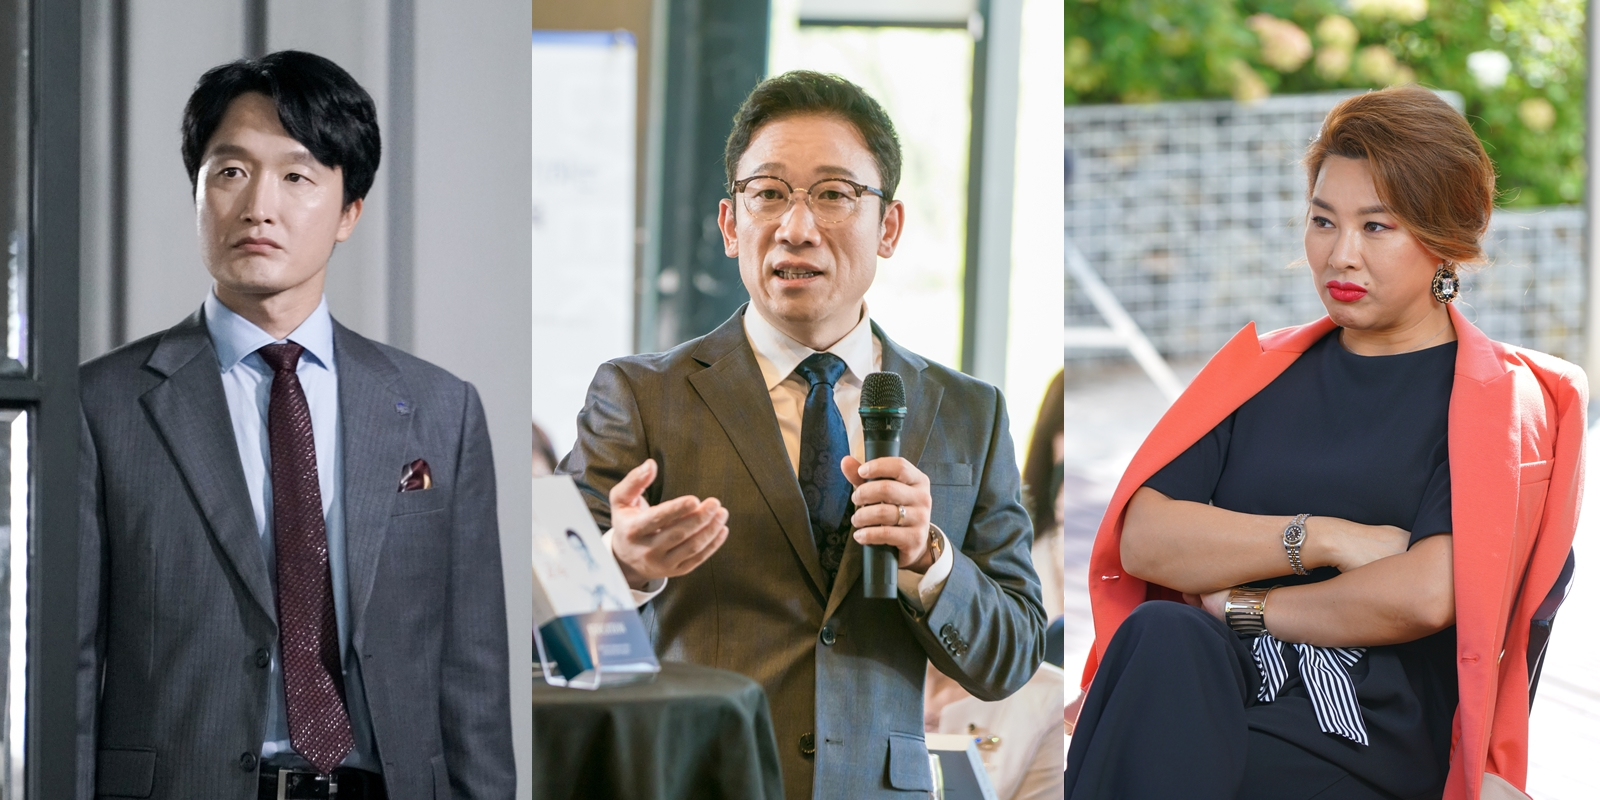 <부암동 복수자들> 복수의 대상 최병모-정석용-정영주, 응징받을 준비 끝!